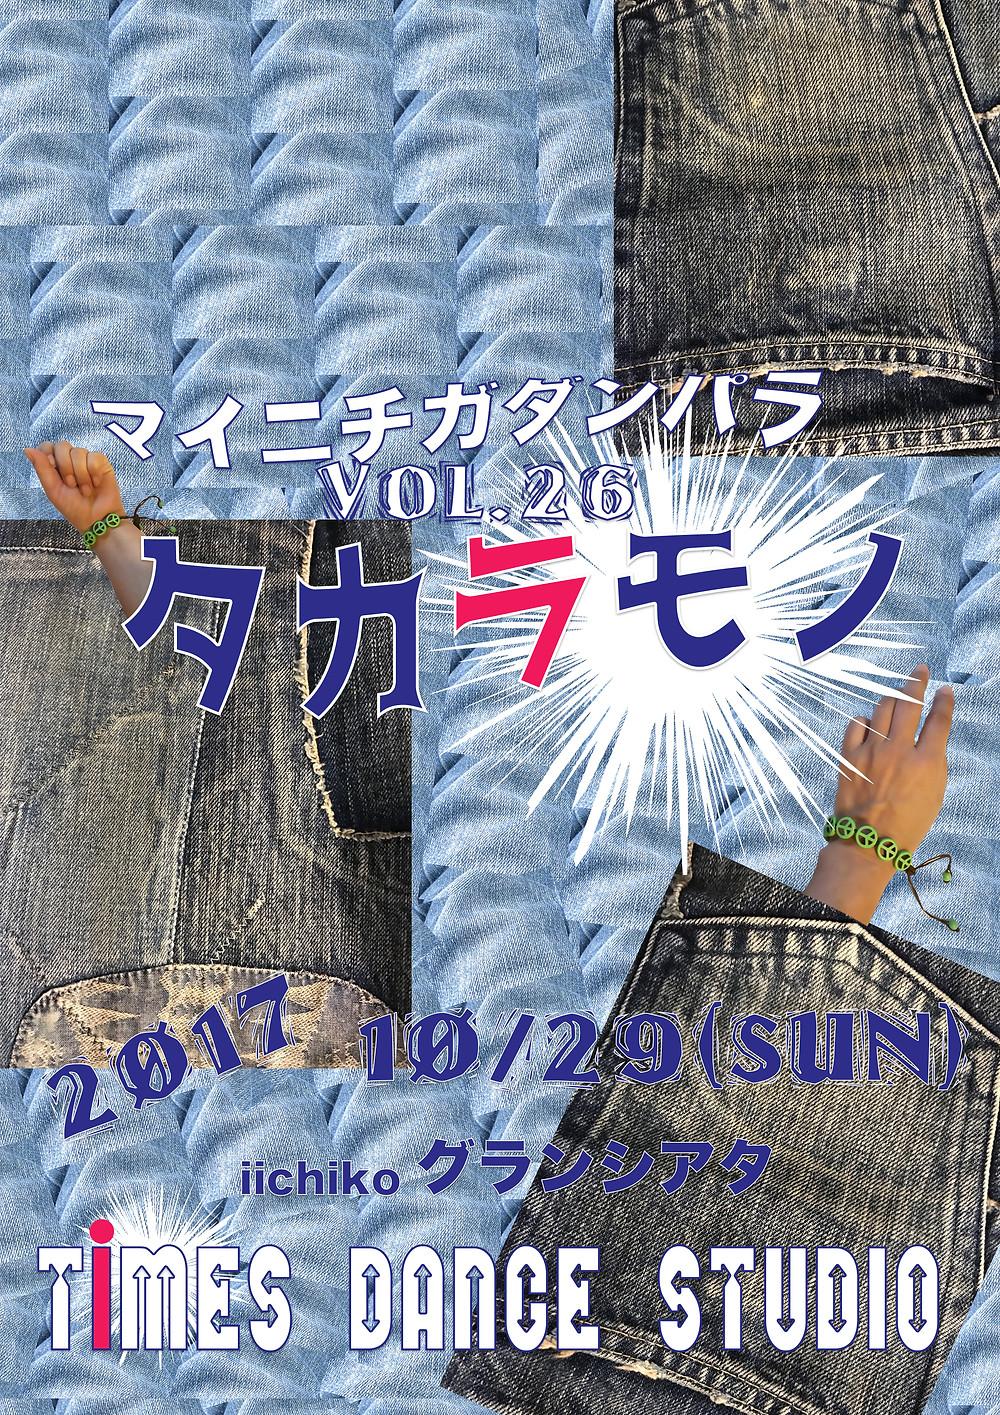 12:30 開場 13:00 開演 ¥2,000